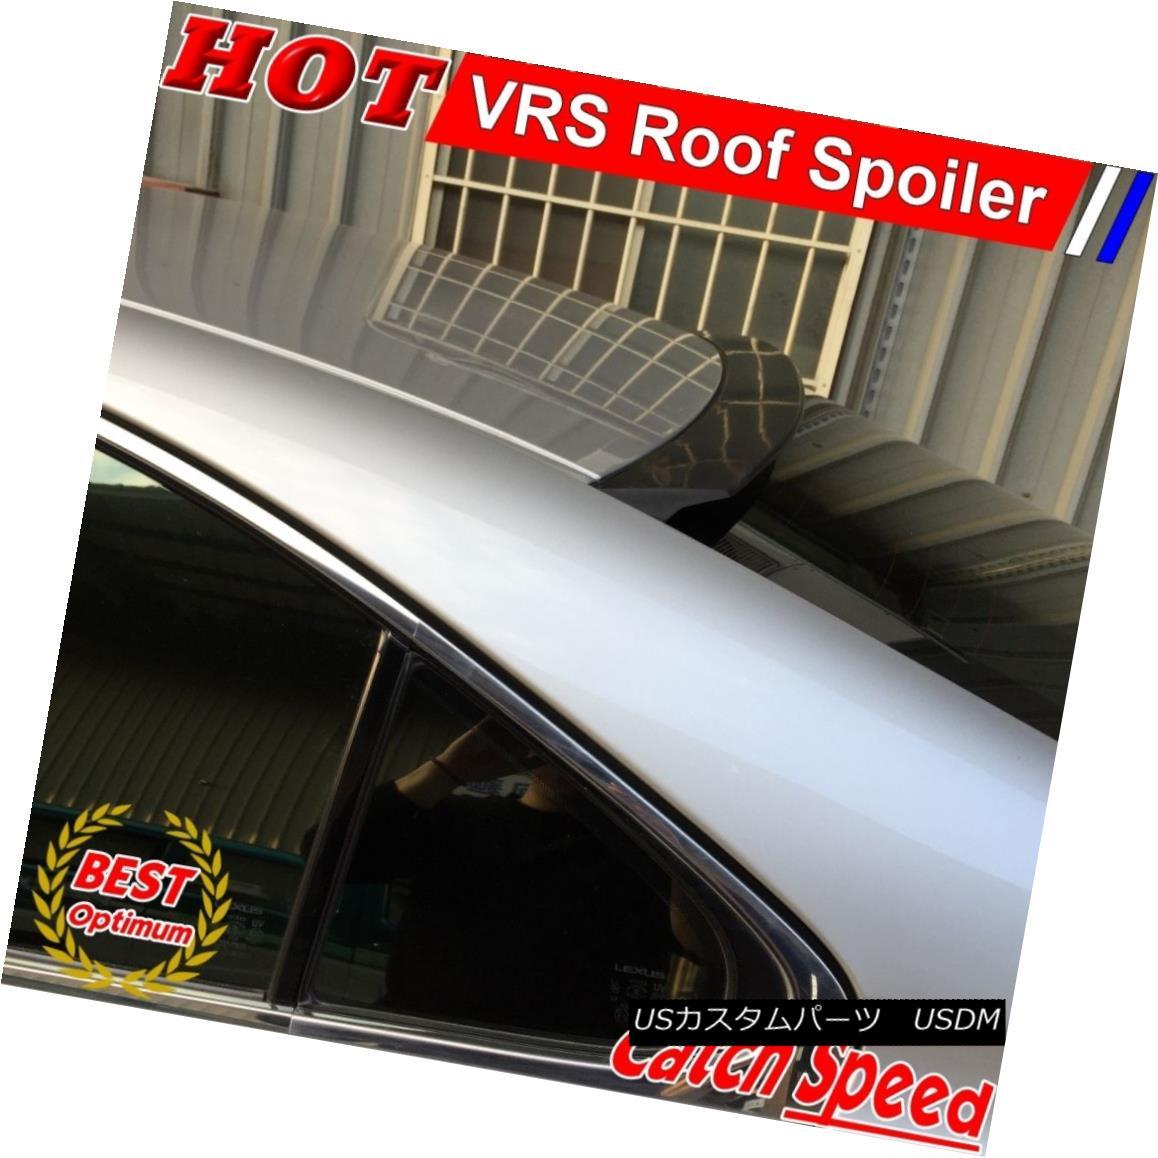 エアロパーツ Flat Black VRS Type Rear Roof Spoiler Wing For Volkswagen PASSAT B6 Sedan 06~11 フォルクスワーゲン用フラットブラックVSタイプリアルーフスポイラーウィングPASSAT B6セダン06?11